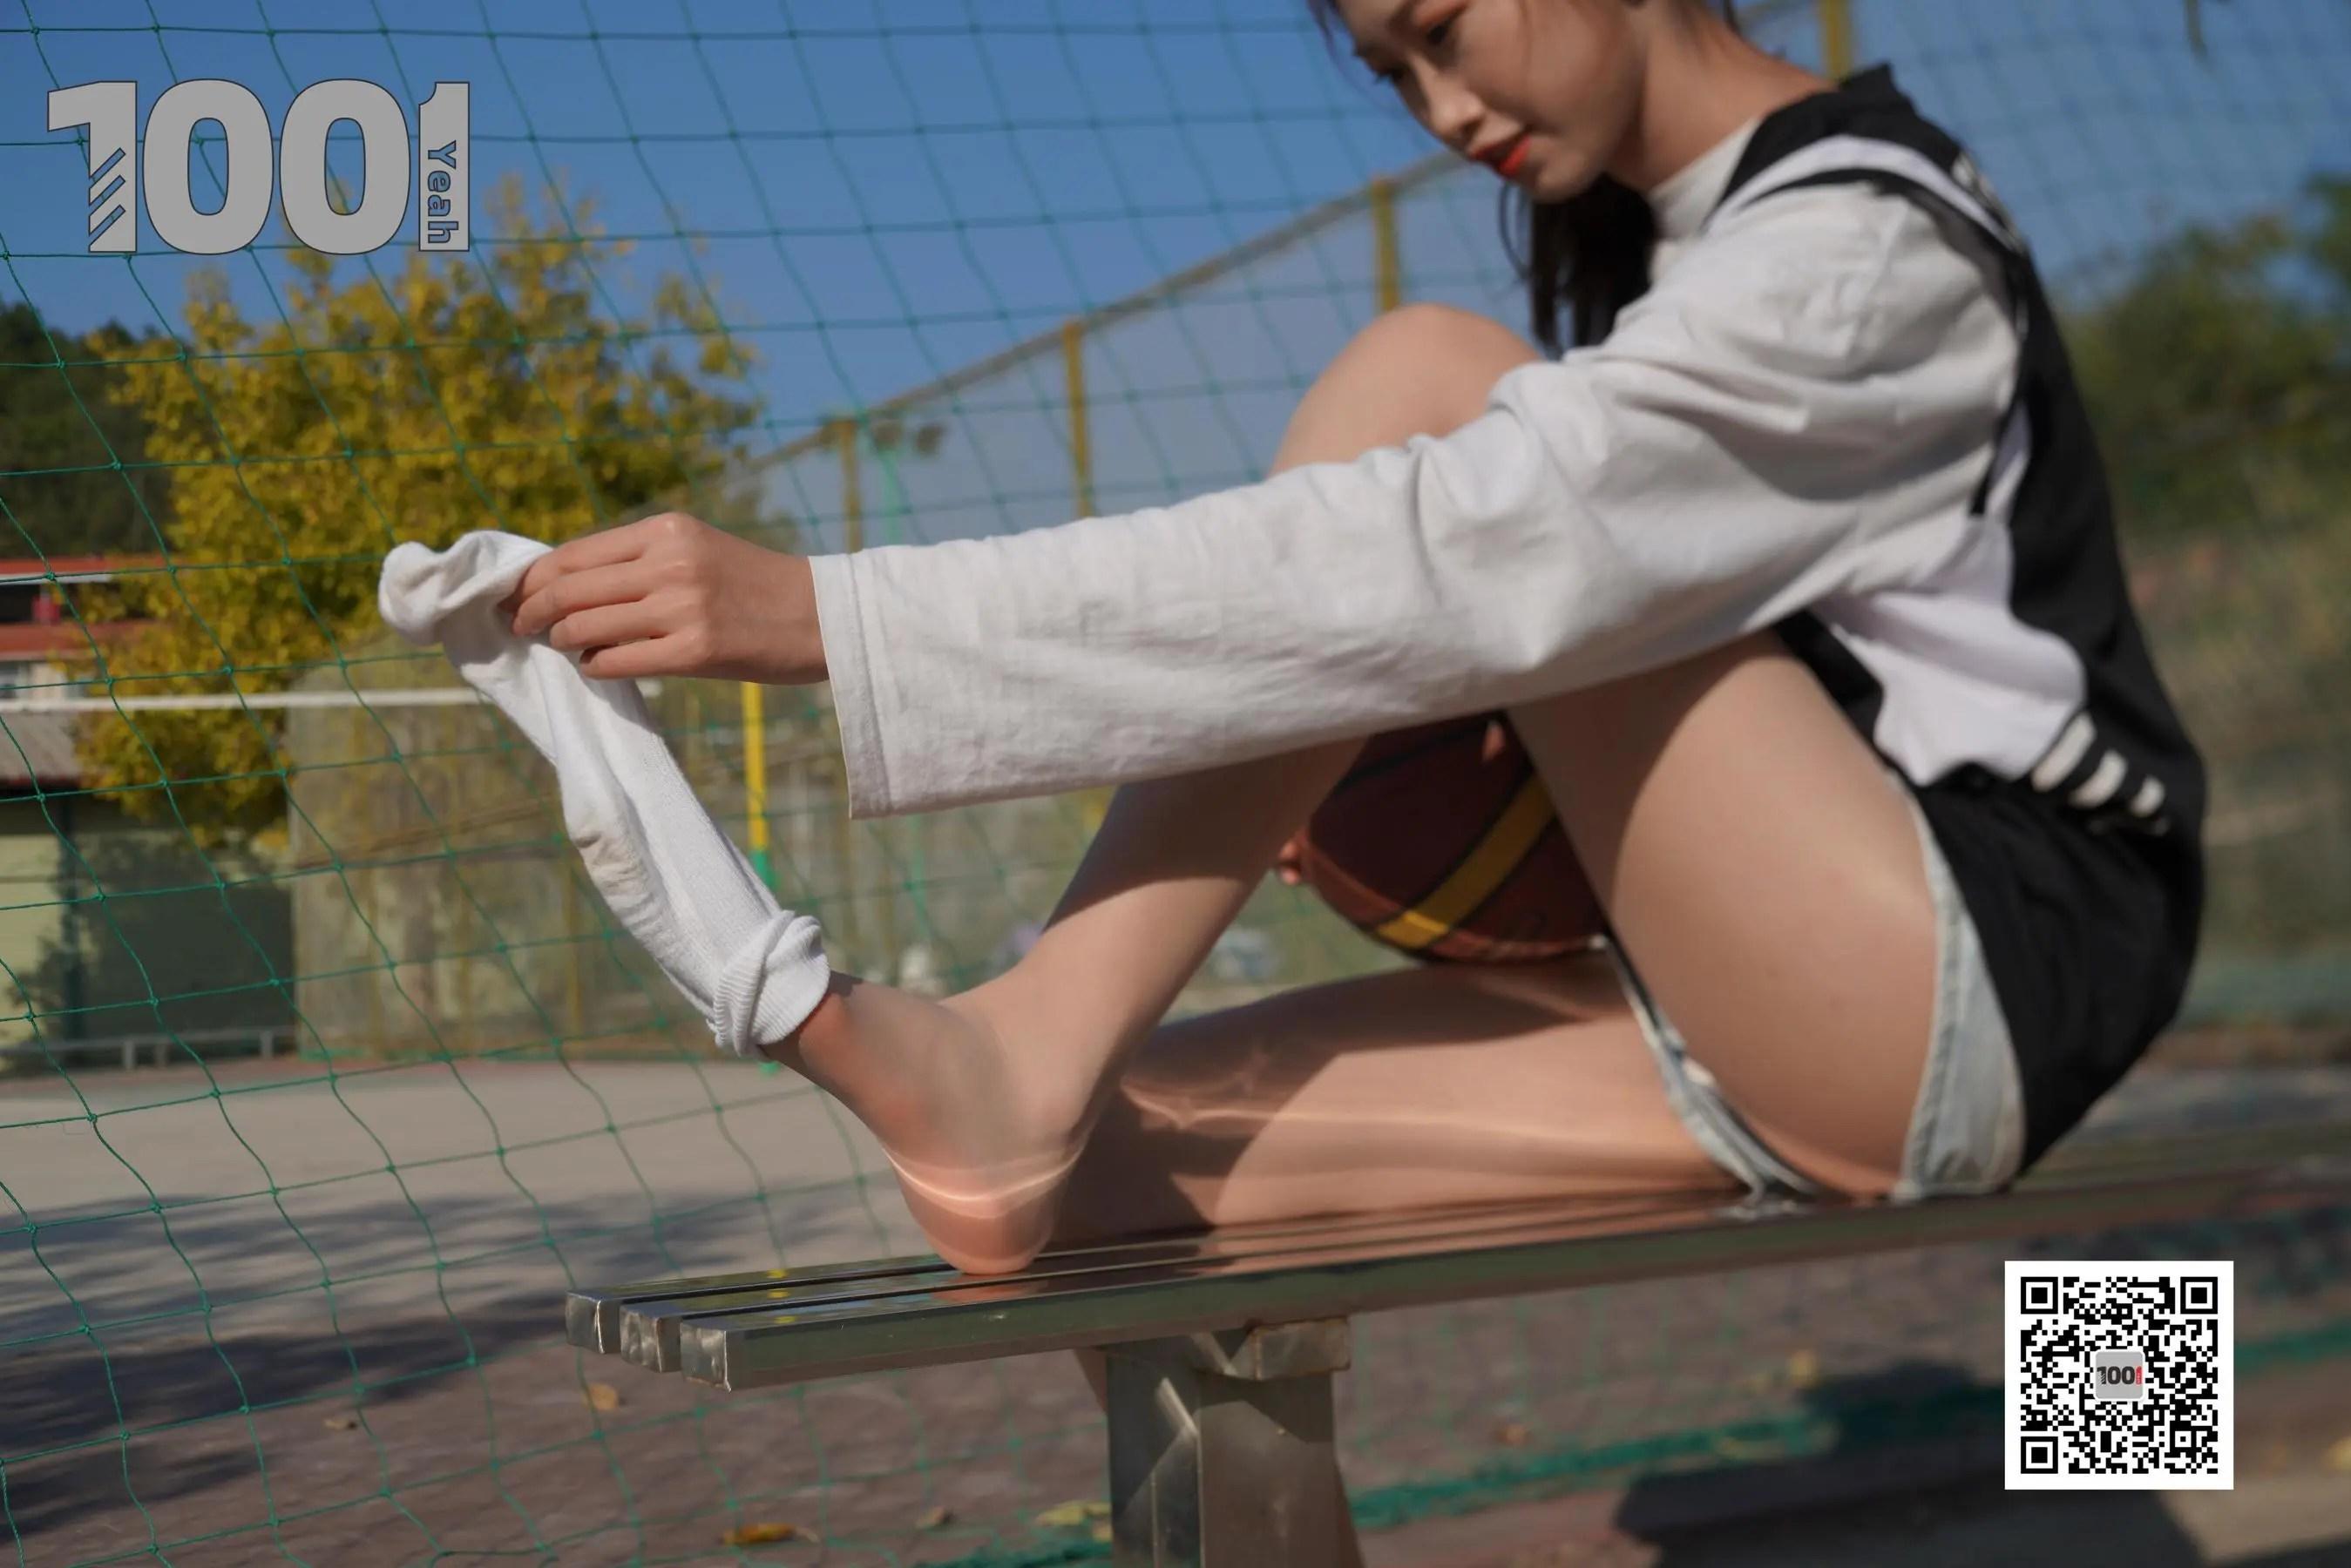 图片[7] - [IESS一千零一夜] 模特:草莓《陪女朋友打篮球4》 美脚丝足写真集[90P] - 唯独你没懂